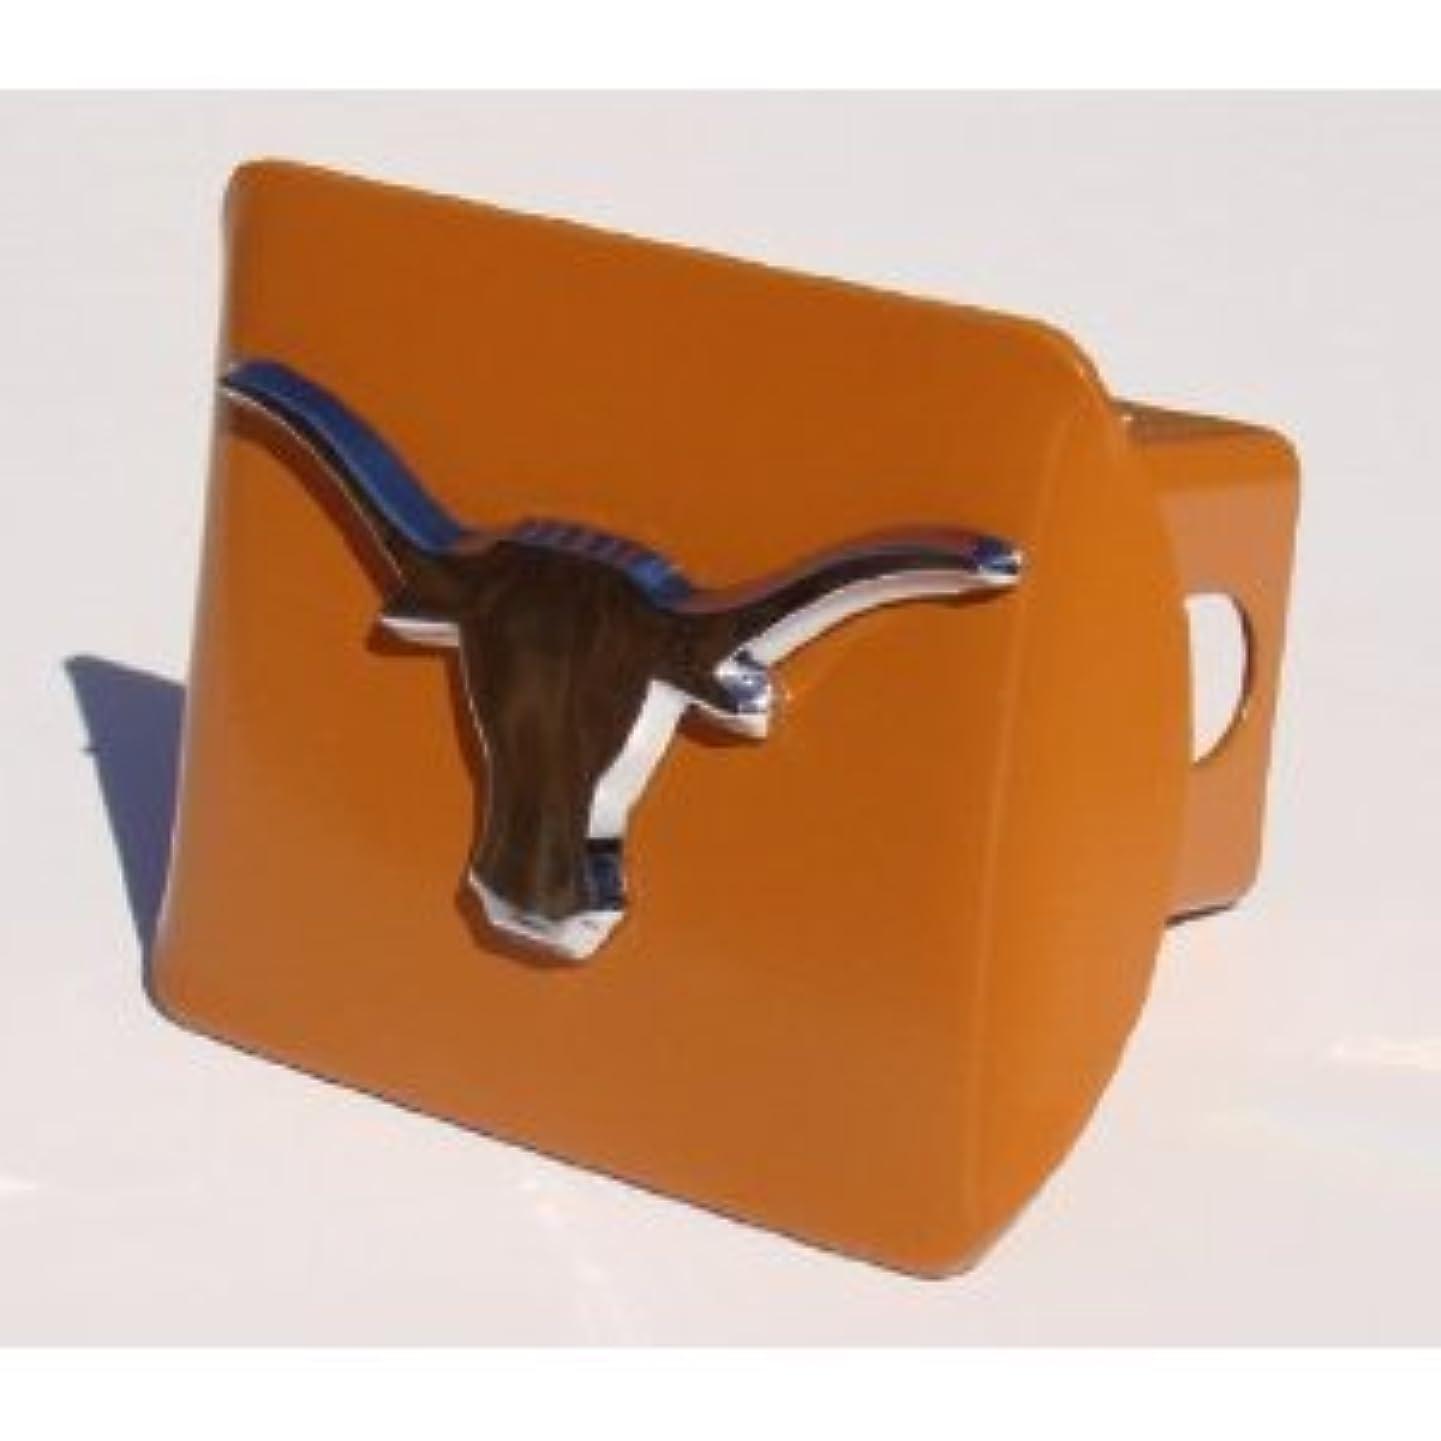 University of Texas UT Longhorns